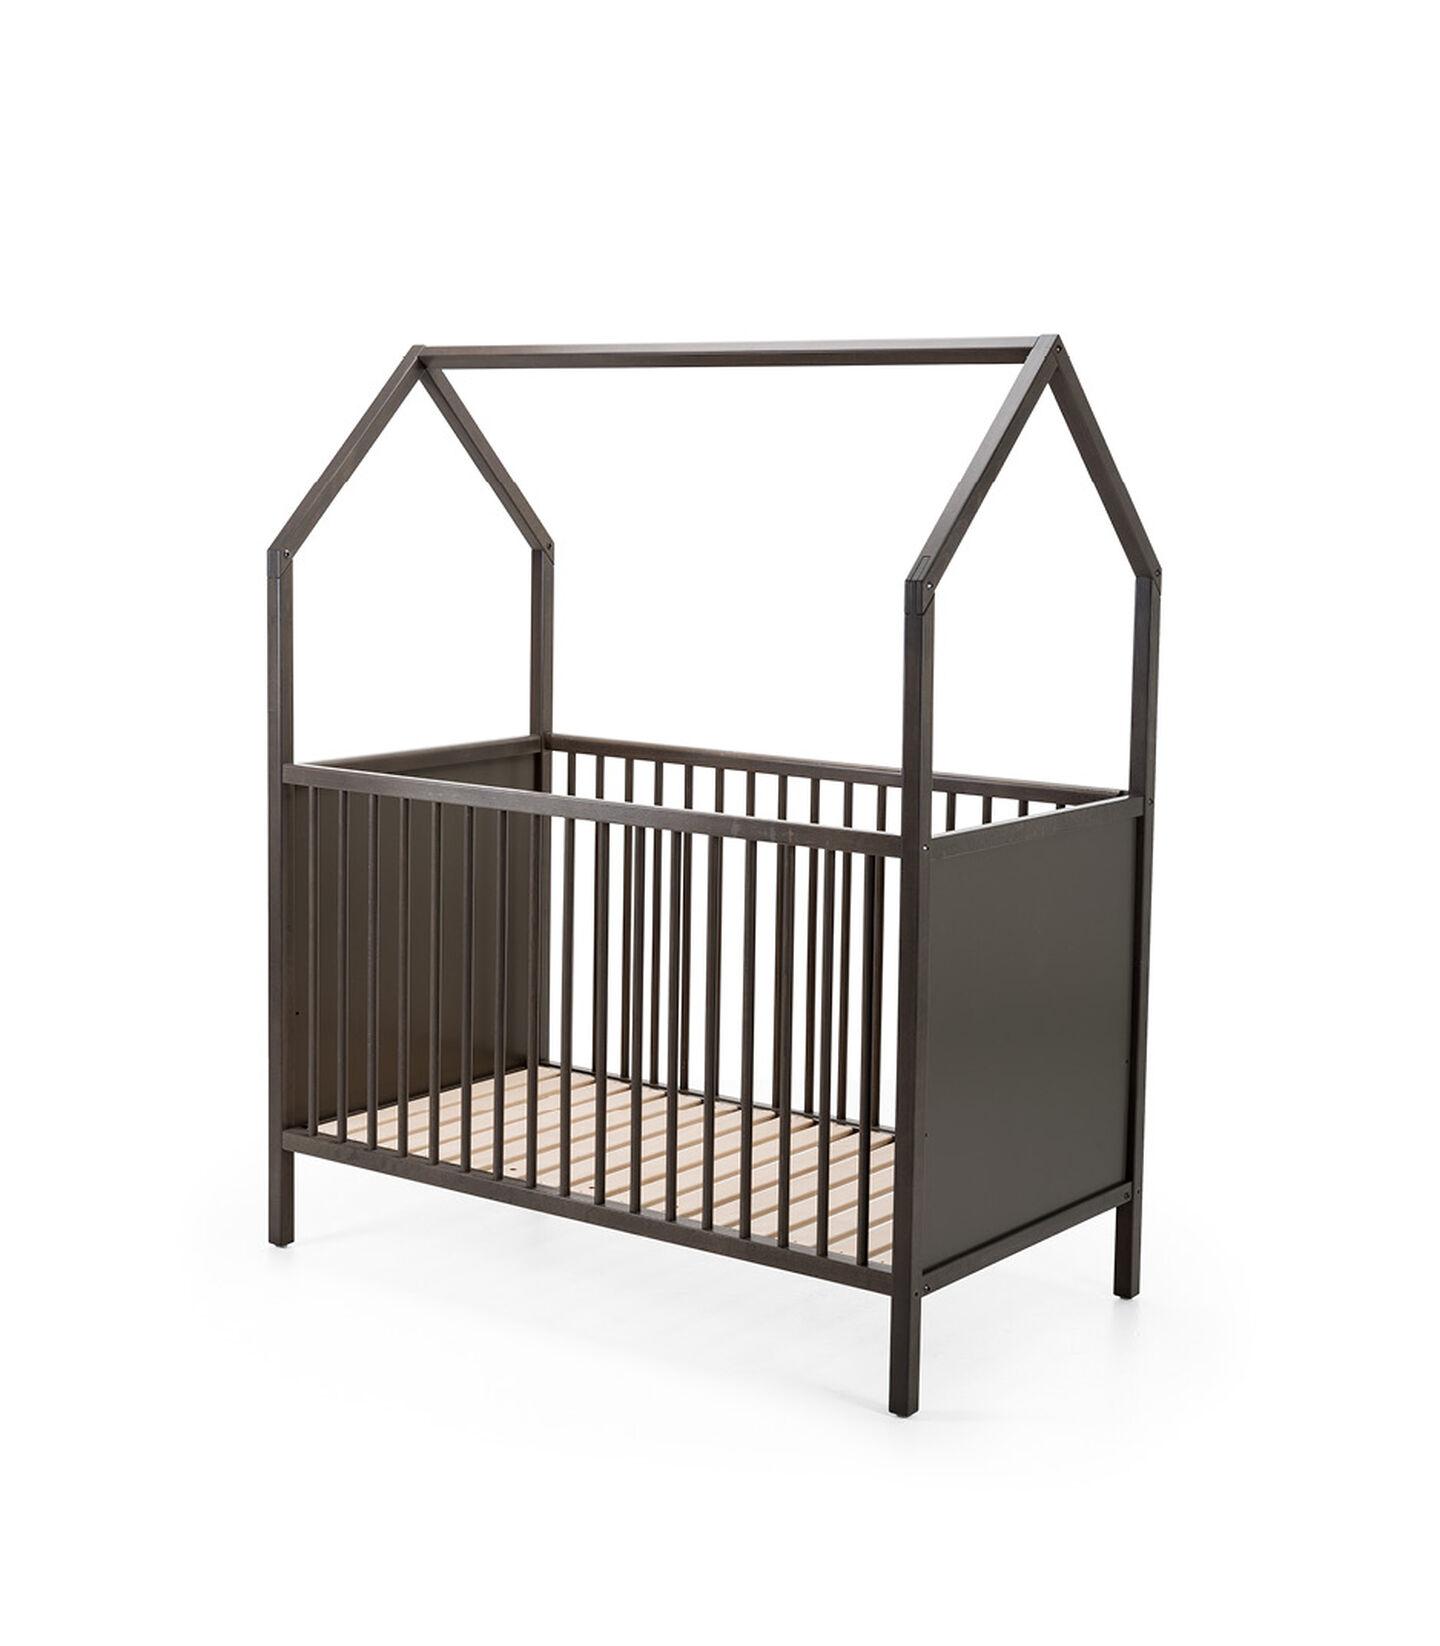 Stokke® Home™ Säng 1 av 2 Hazy Grey, Hazy Grey, mainview